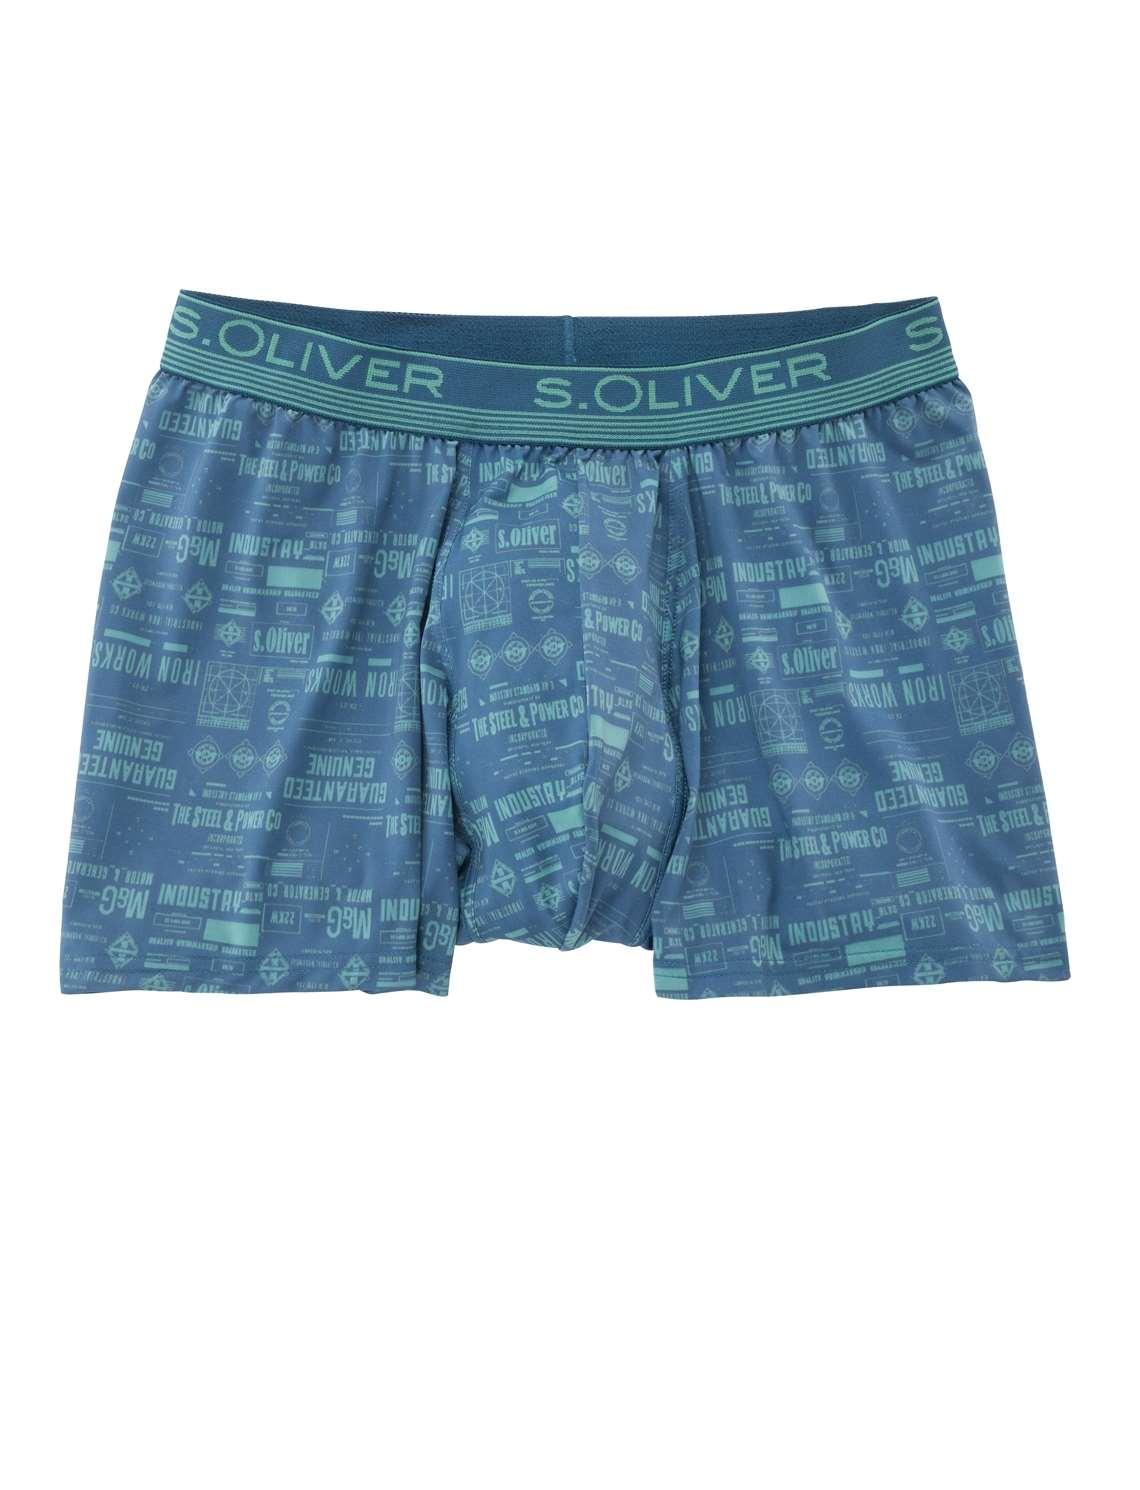 s oliver boxershorts pfundskerl xxl. Black Bedroom Furniture Sets. Home Design Ideas